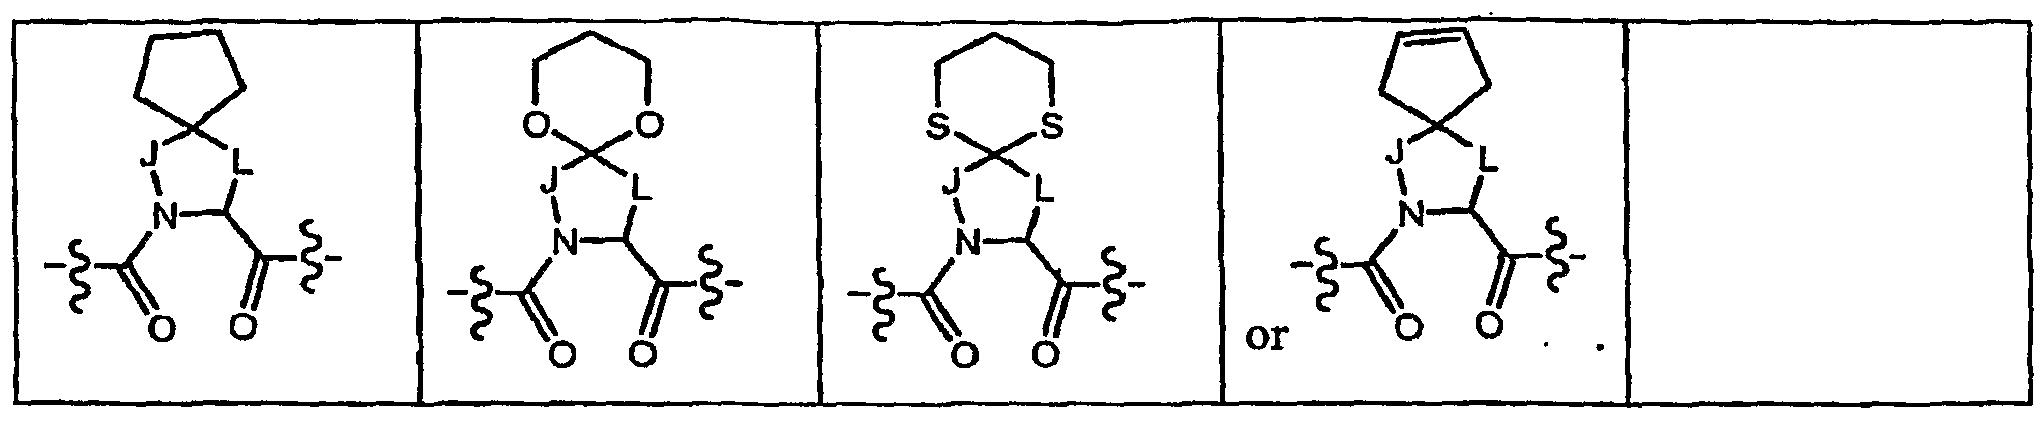 Figure imgf000102_0001